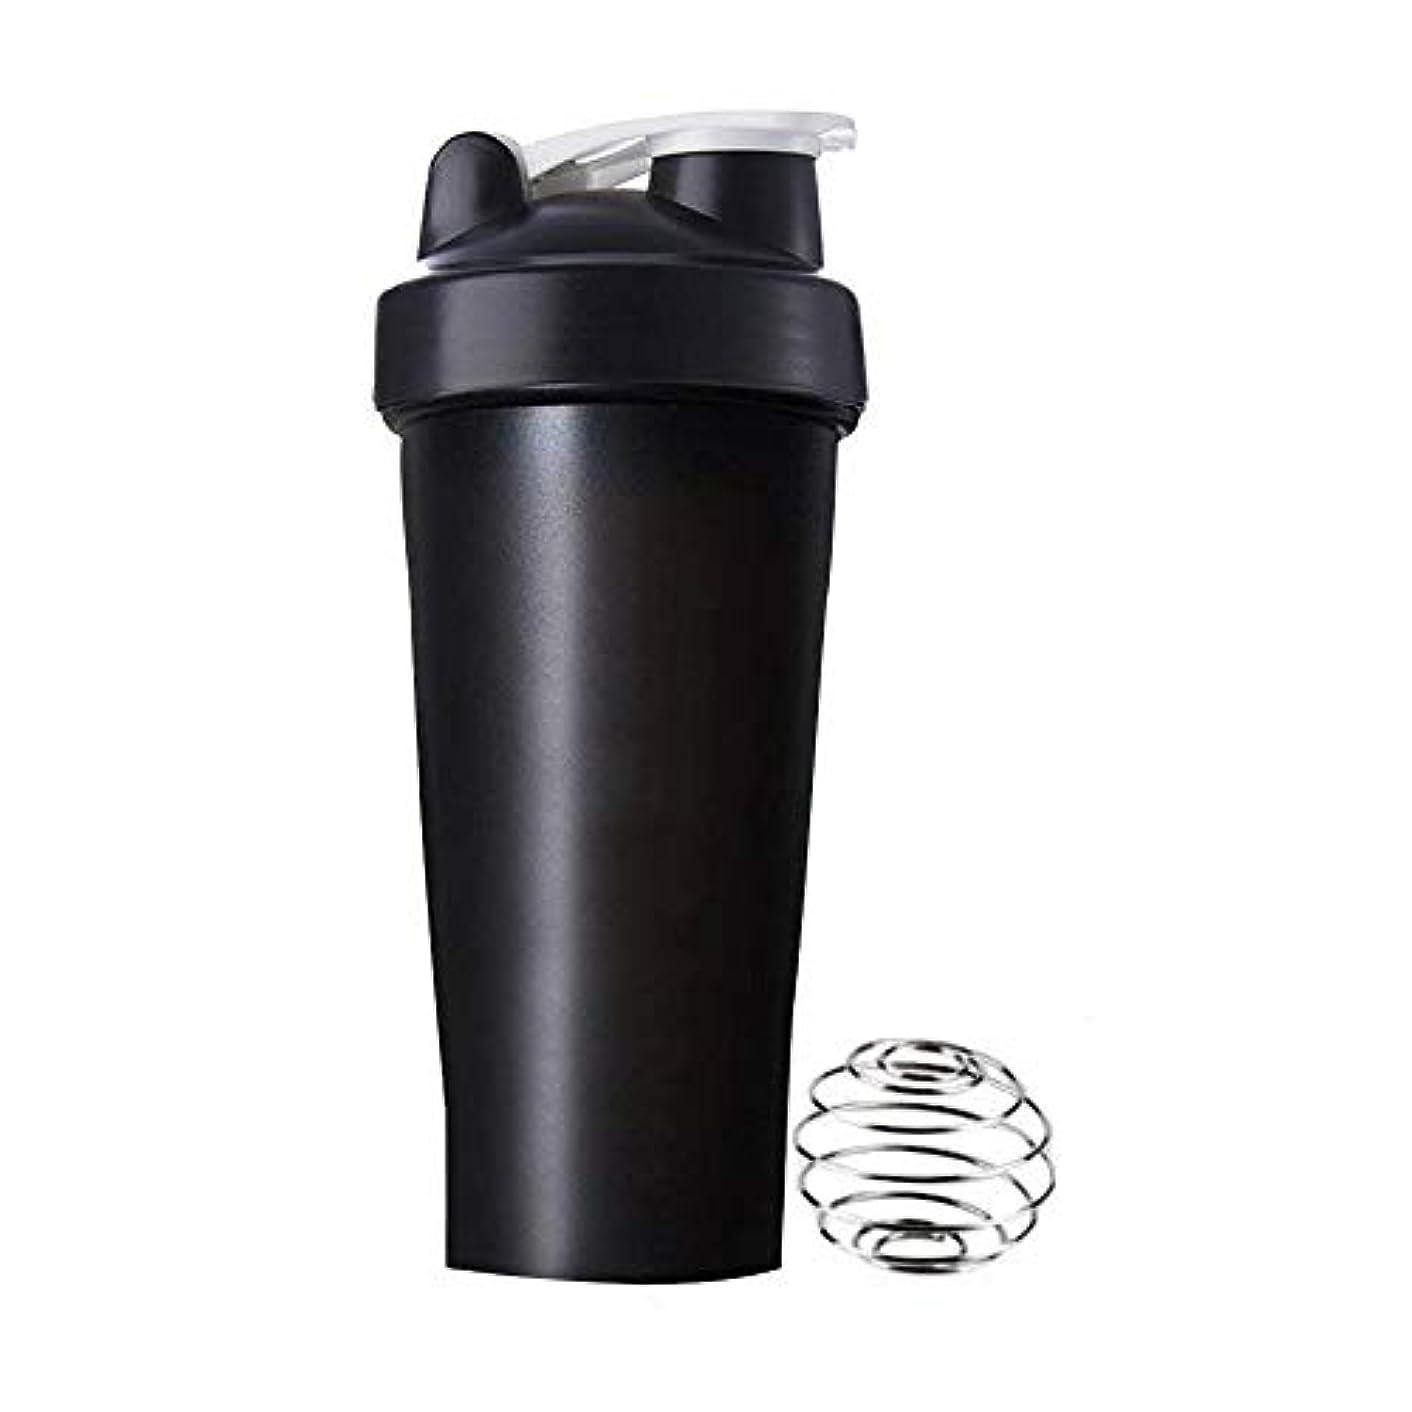 番目再現する欺くchaselpod プロテインシェイカー 直飲み プラスチックウォーターボトル ジム シェーカーボトル 600ml